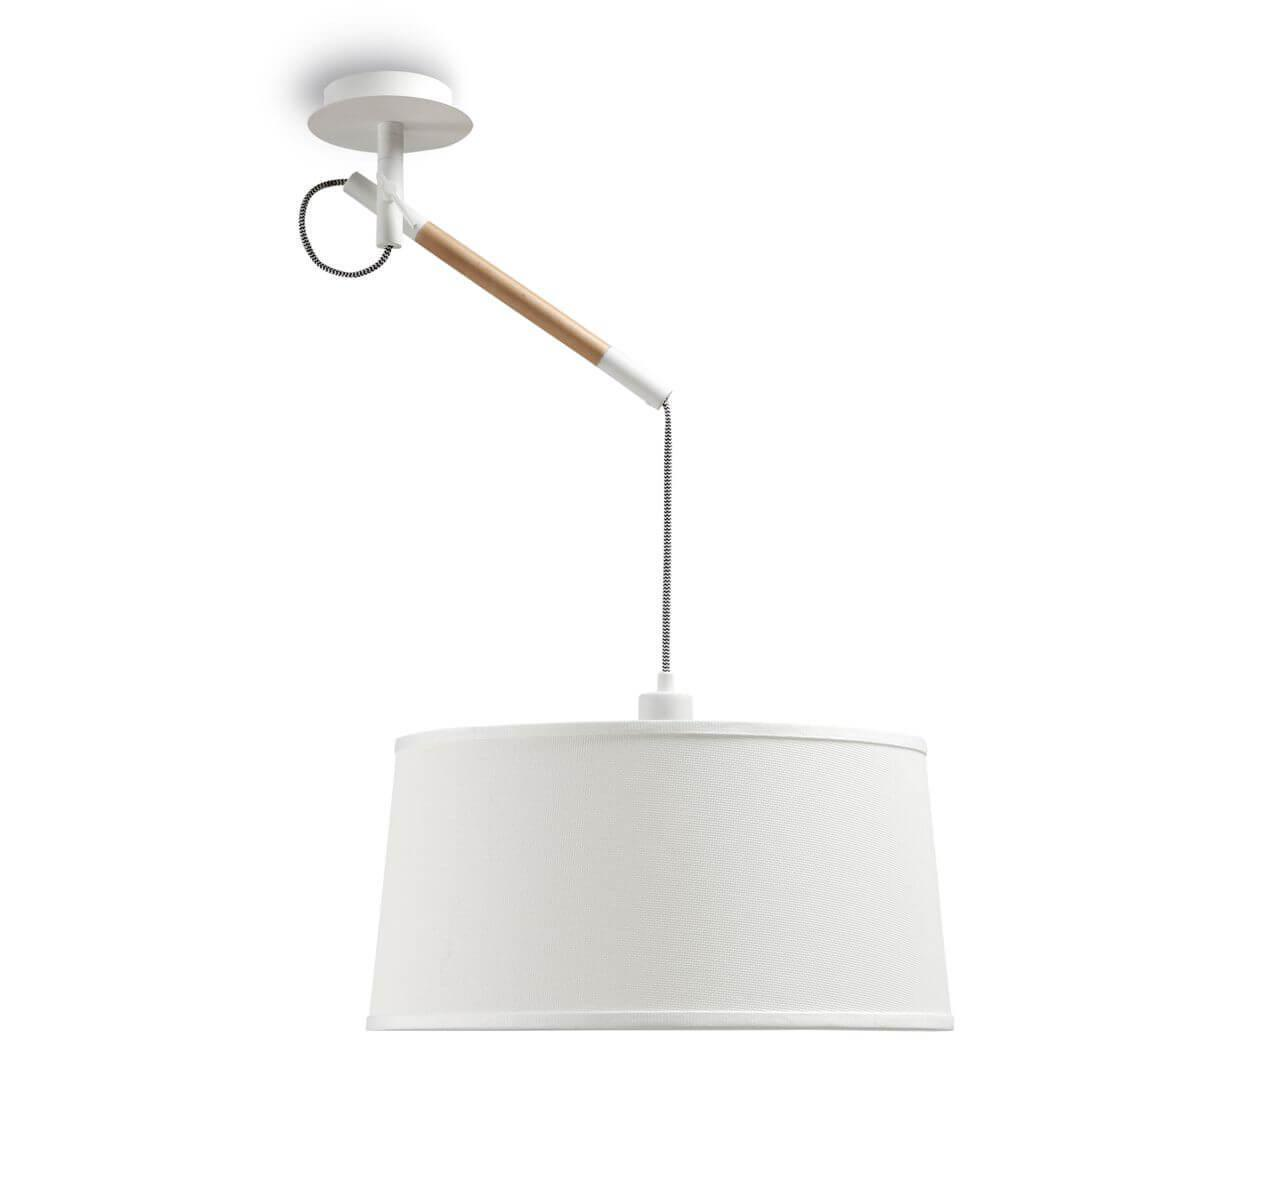 лучшая цена Подвесной светильник Mantra 4928, E27, 23 Вт